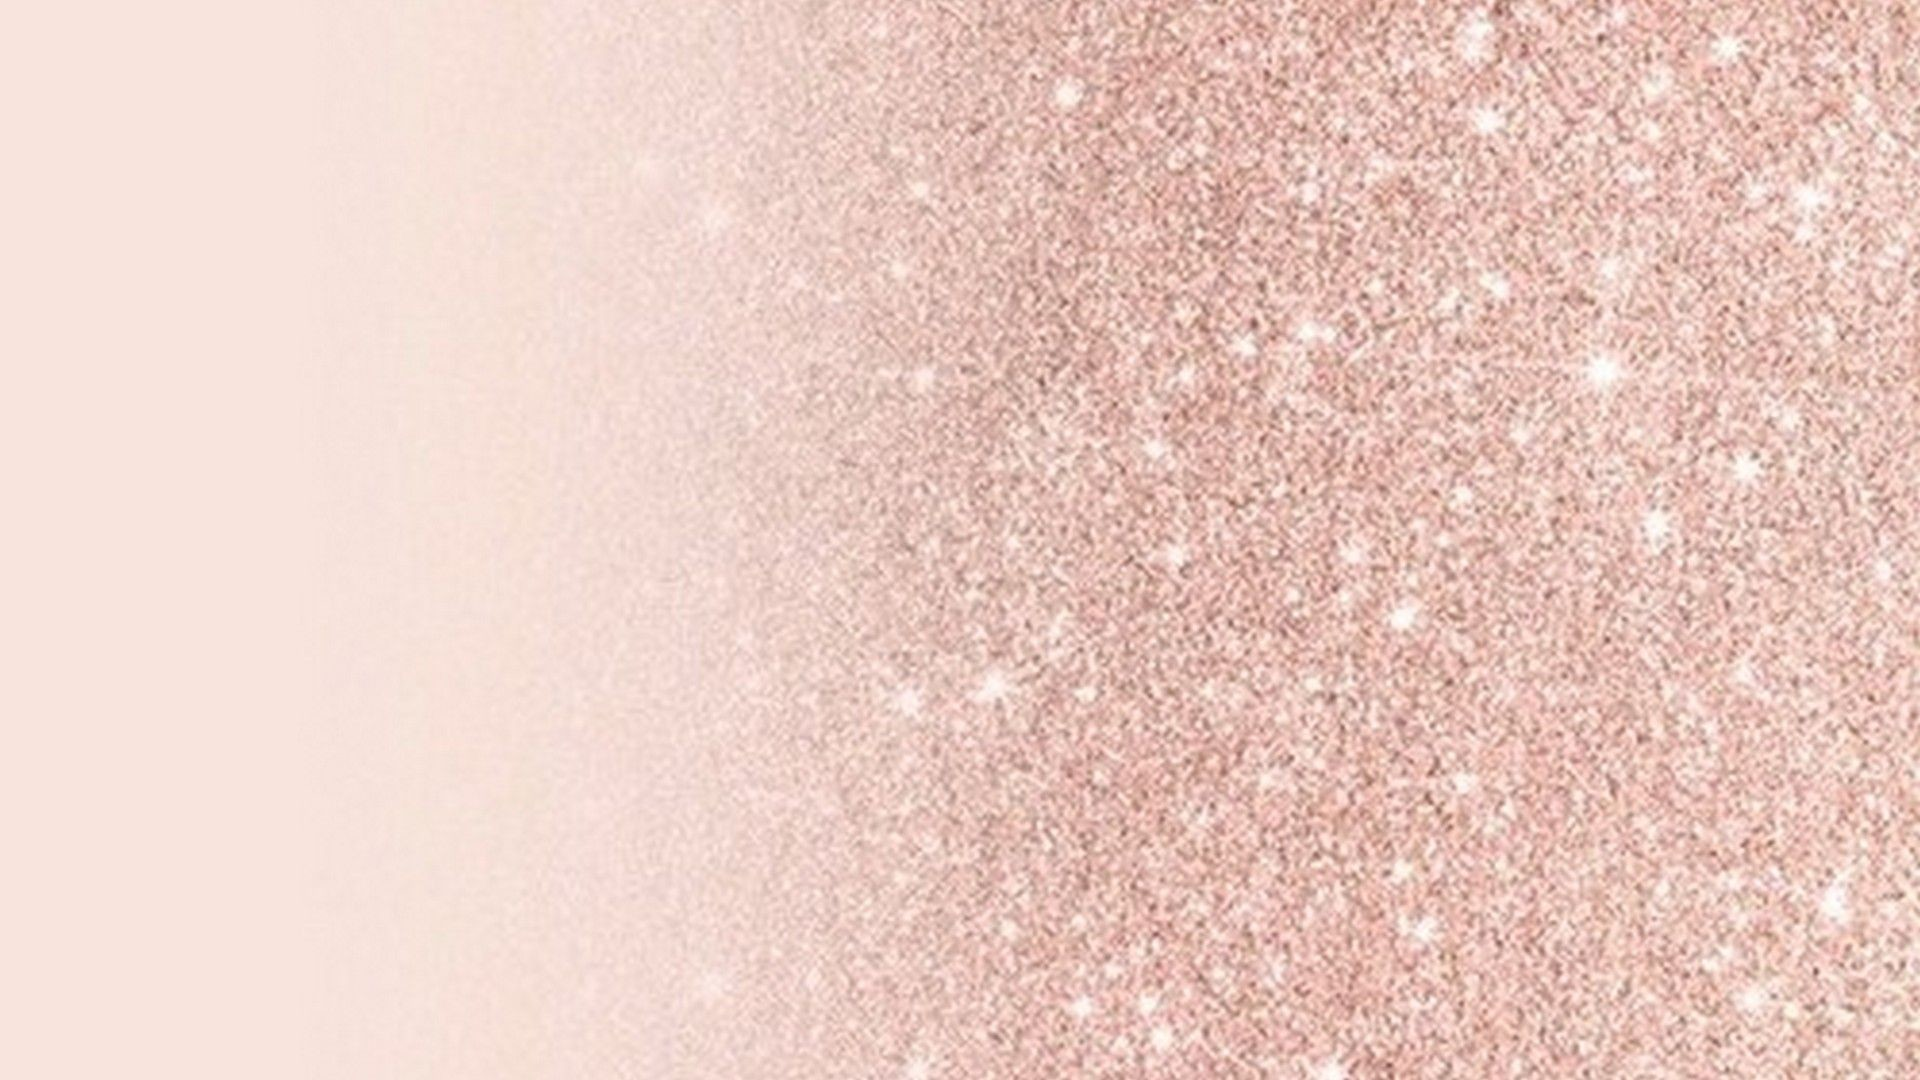 Res: 1920x1080, Wallpaper Rose Gold Glitter Desktop | Best HD Wallpapers